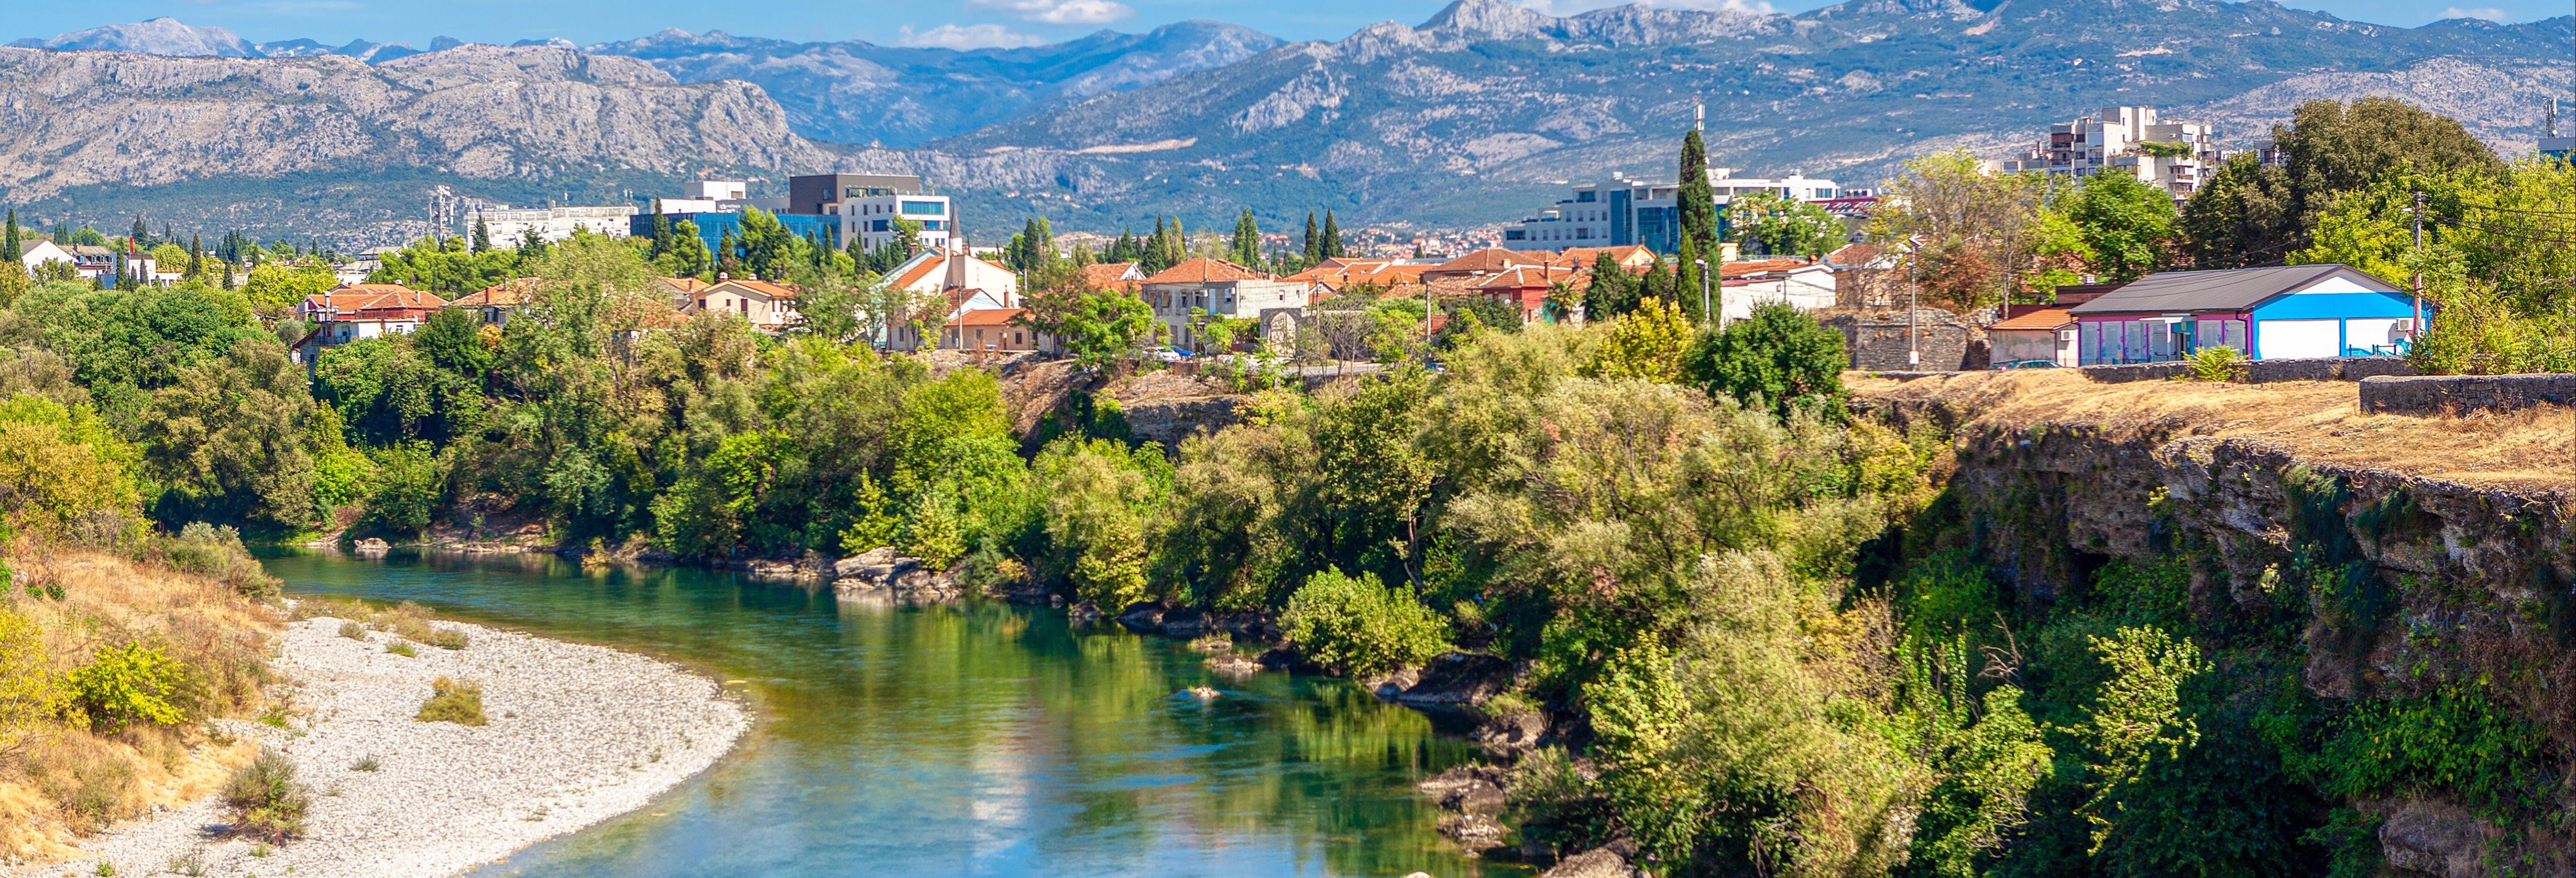 Montenegro Coastal Towns Tour